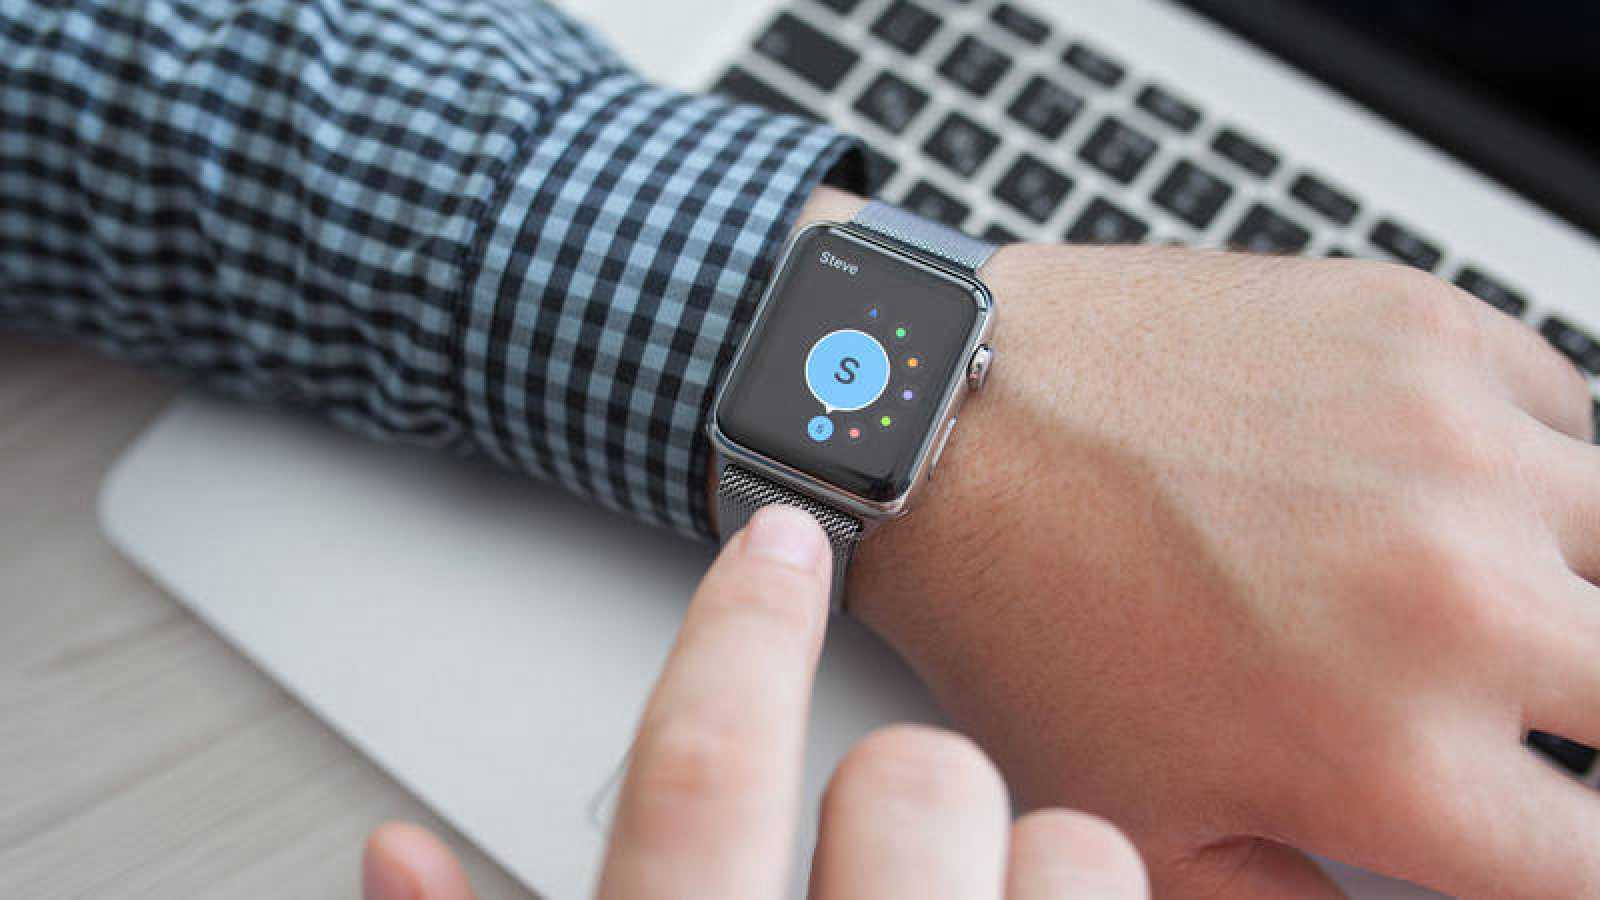 efacb553dca Apple desactiva el walkie-talkie de su reloj al detectar que permitía espiar